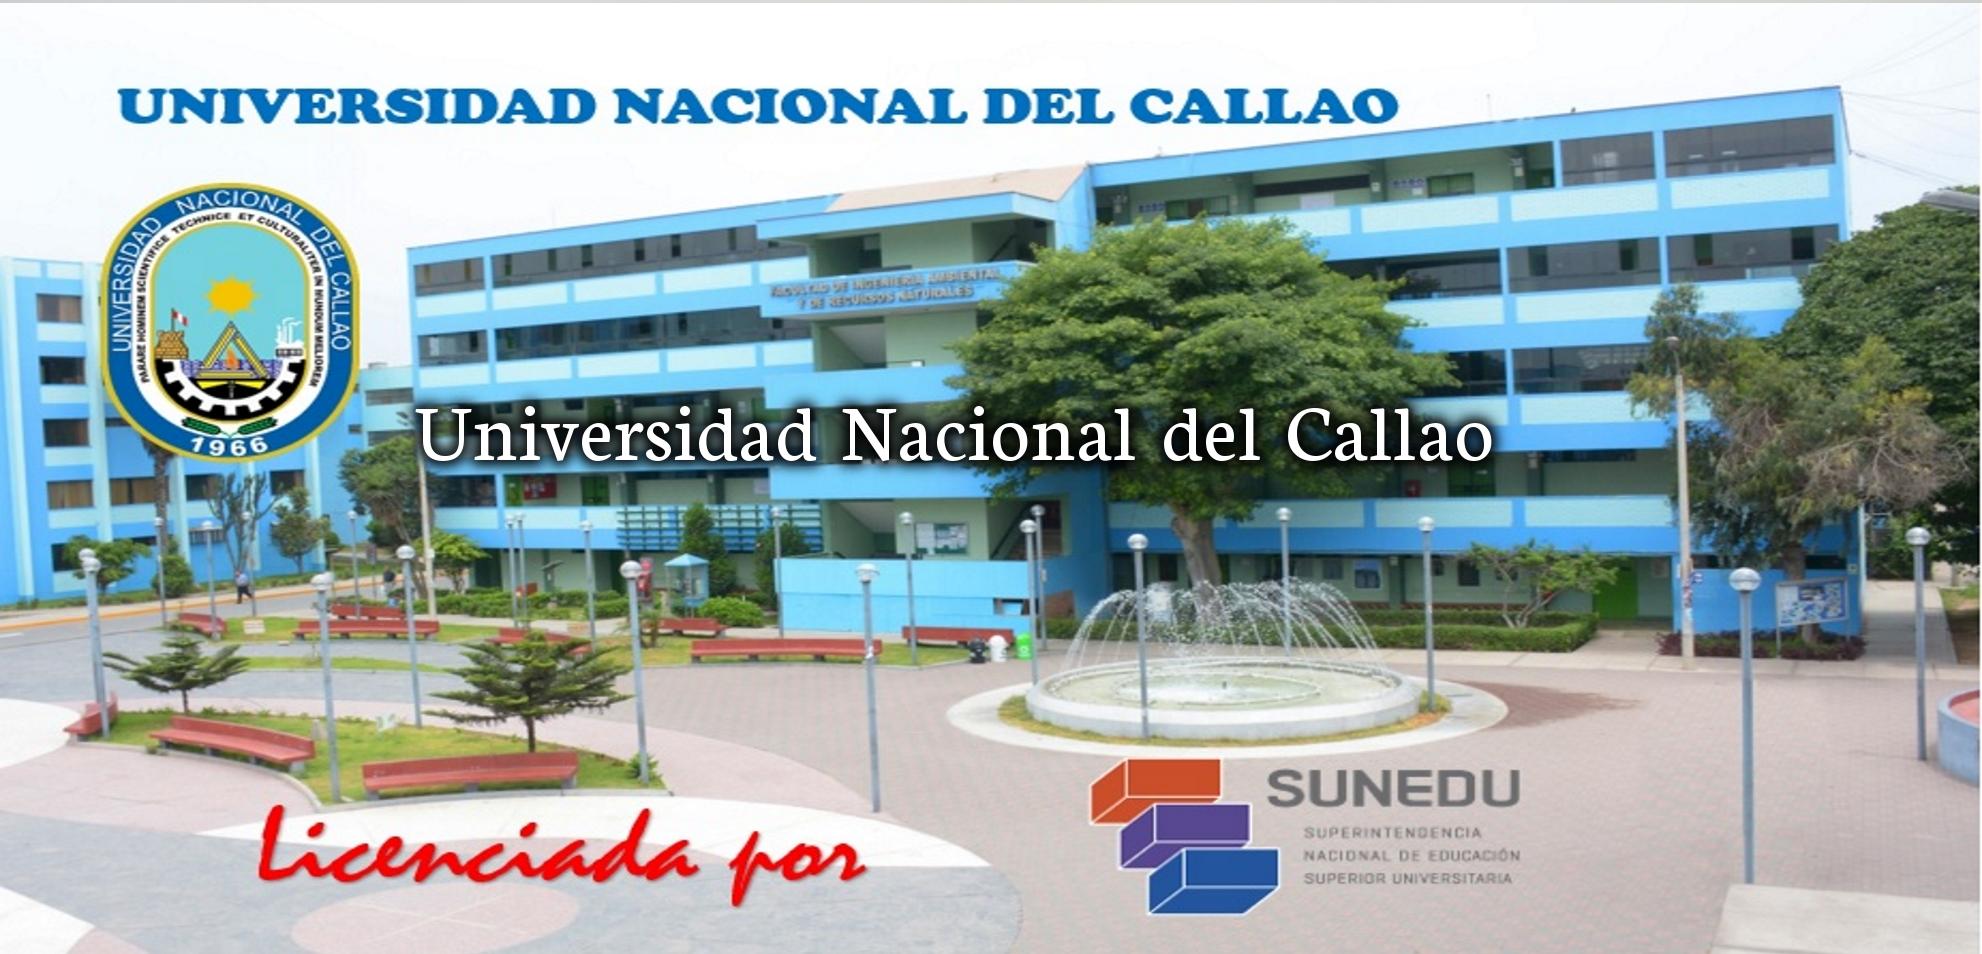 Escuela de Posgrado de la Universidad Nacional del Callao